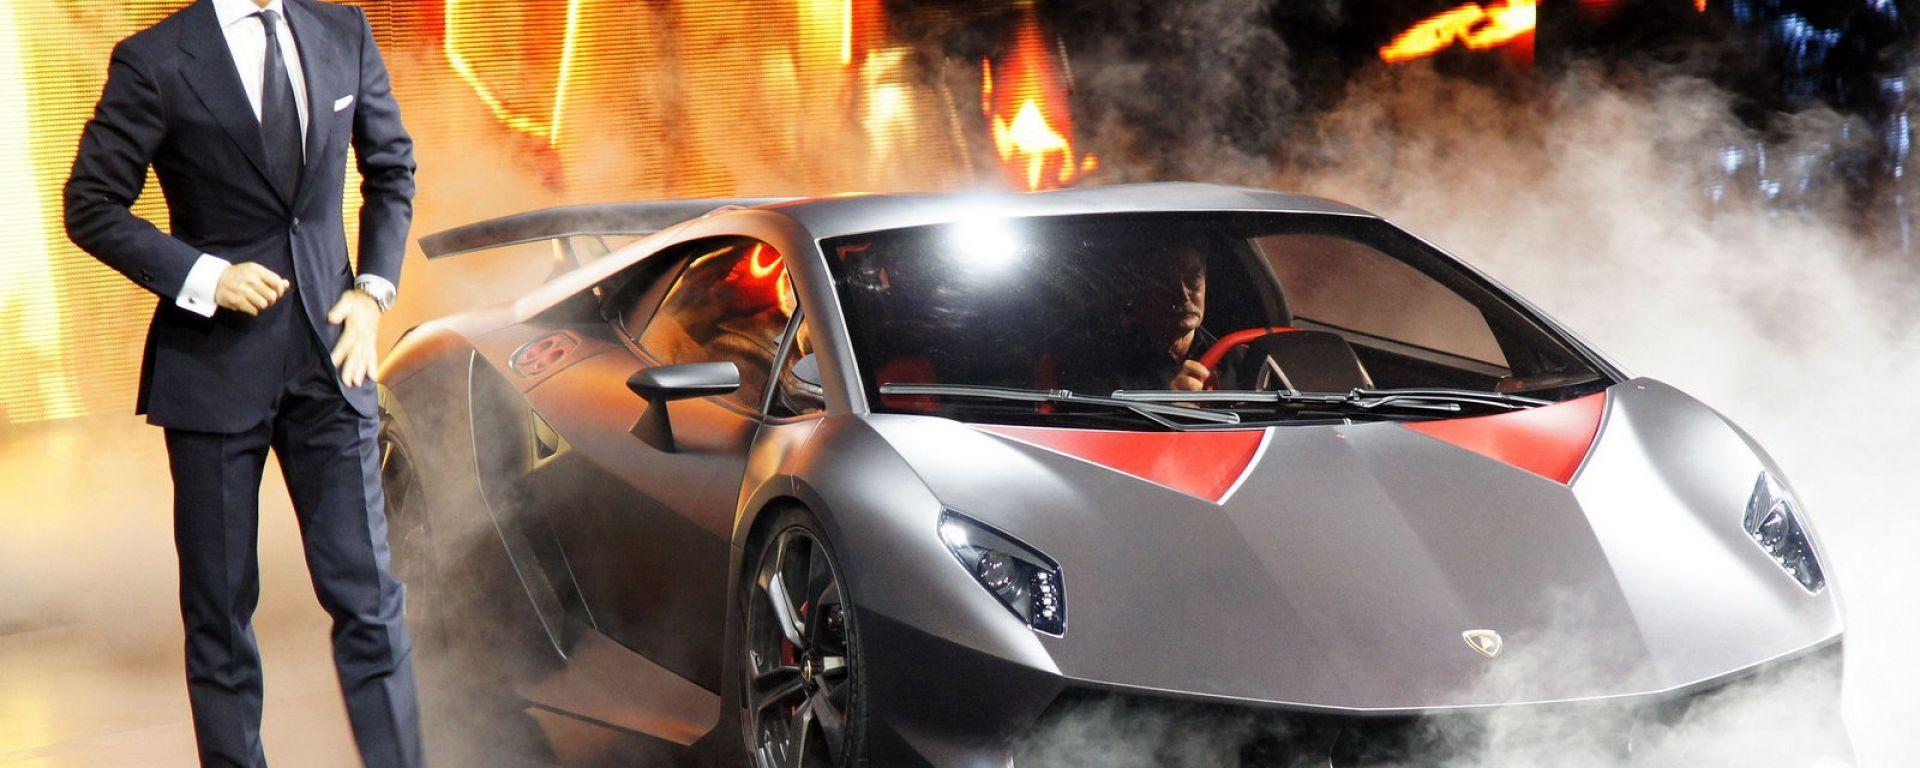 Concept Car La Lamborghini Sesto Elemento In Dettaglio Motorbox